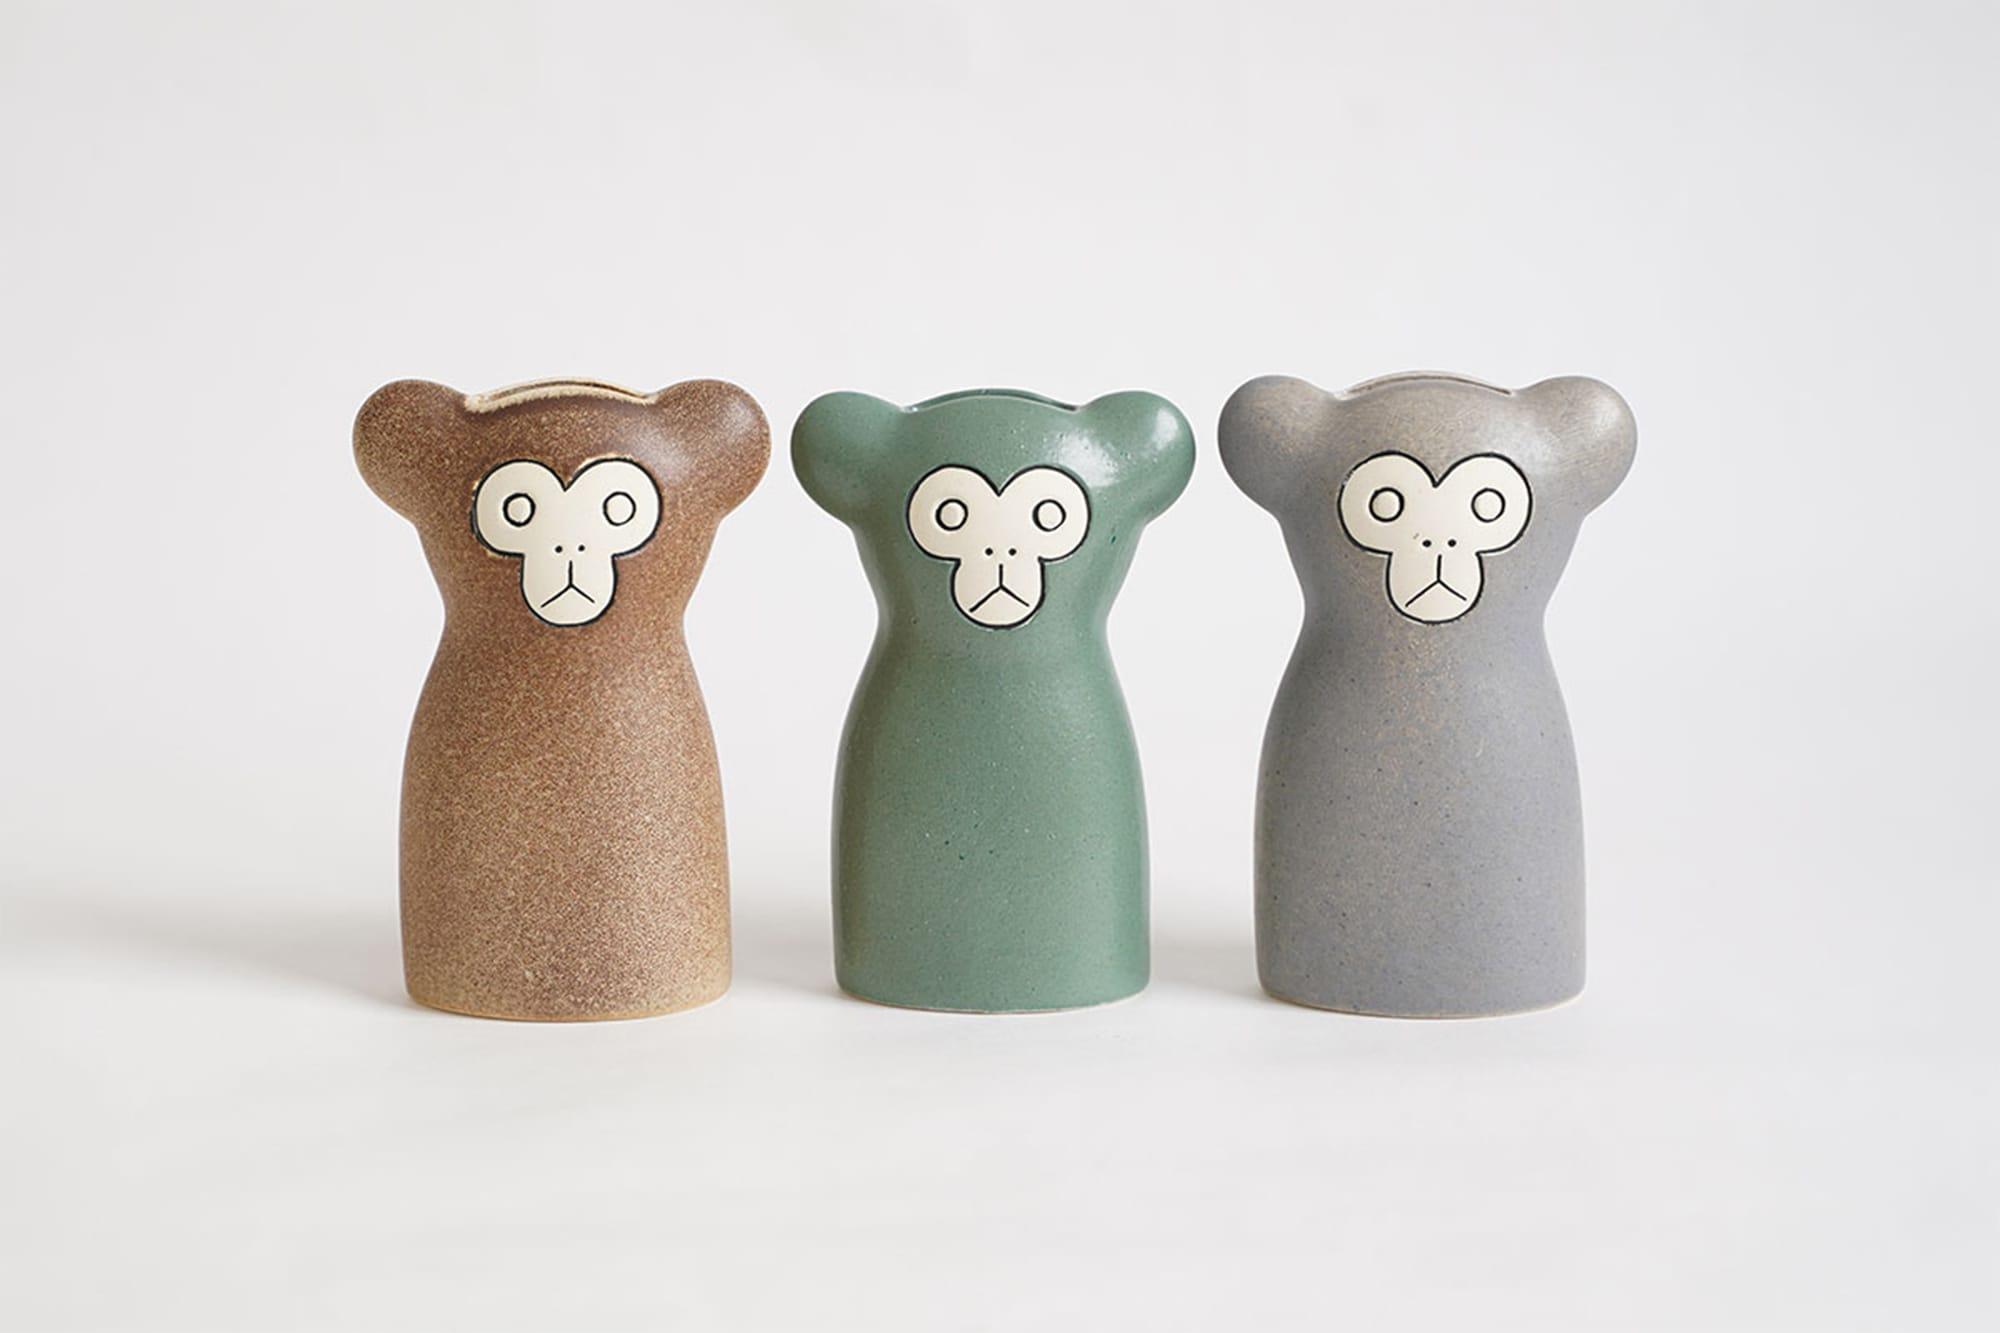 新作の「Monkey(さる)」。左から順にBrown、Green、Grayの3色展開。幅7㎝×高さ13.5㎝。落ち着いた色合いからあたたかみを感じる。